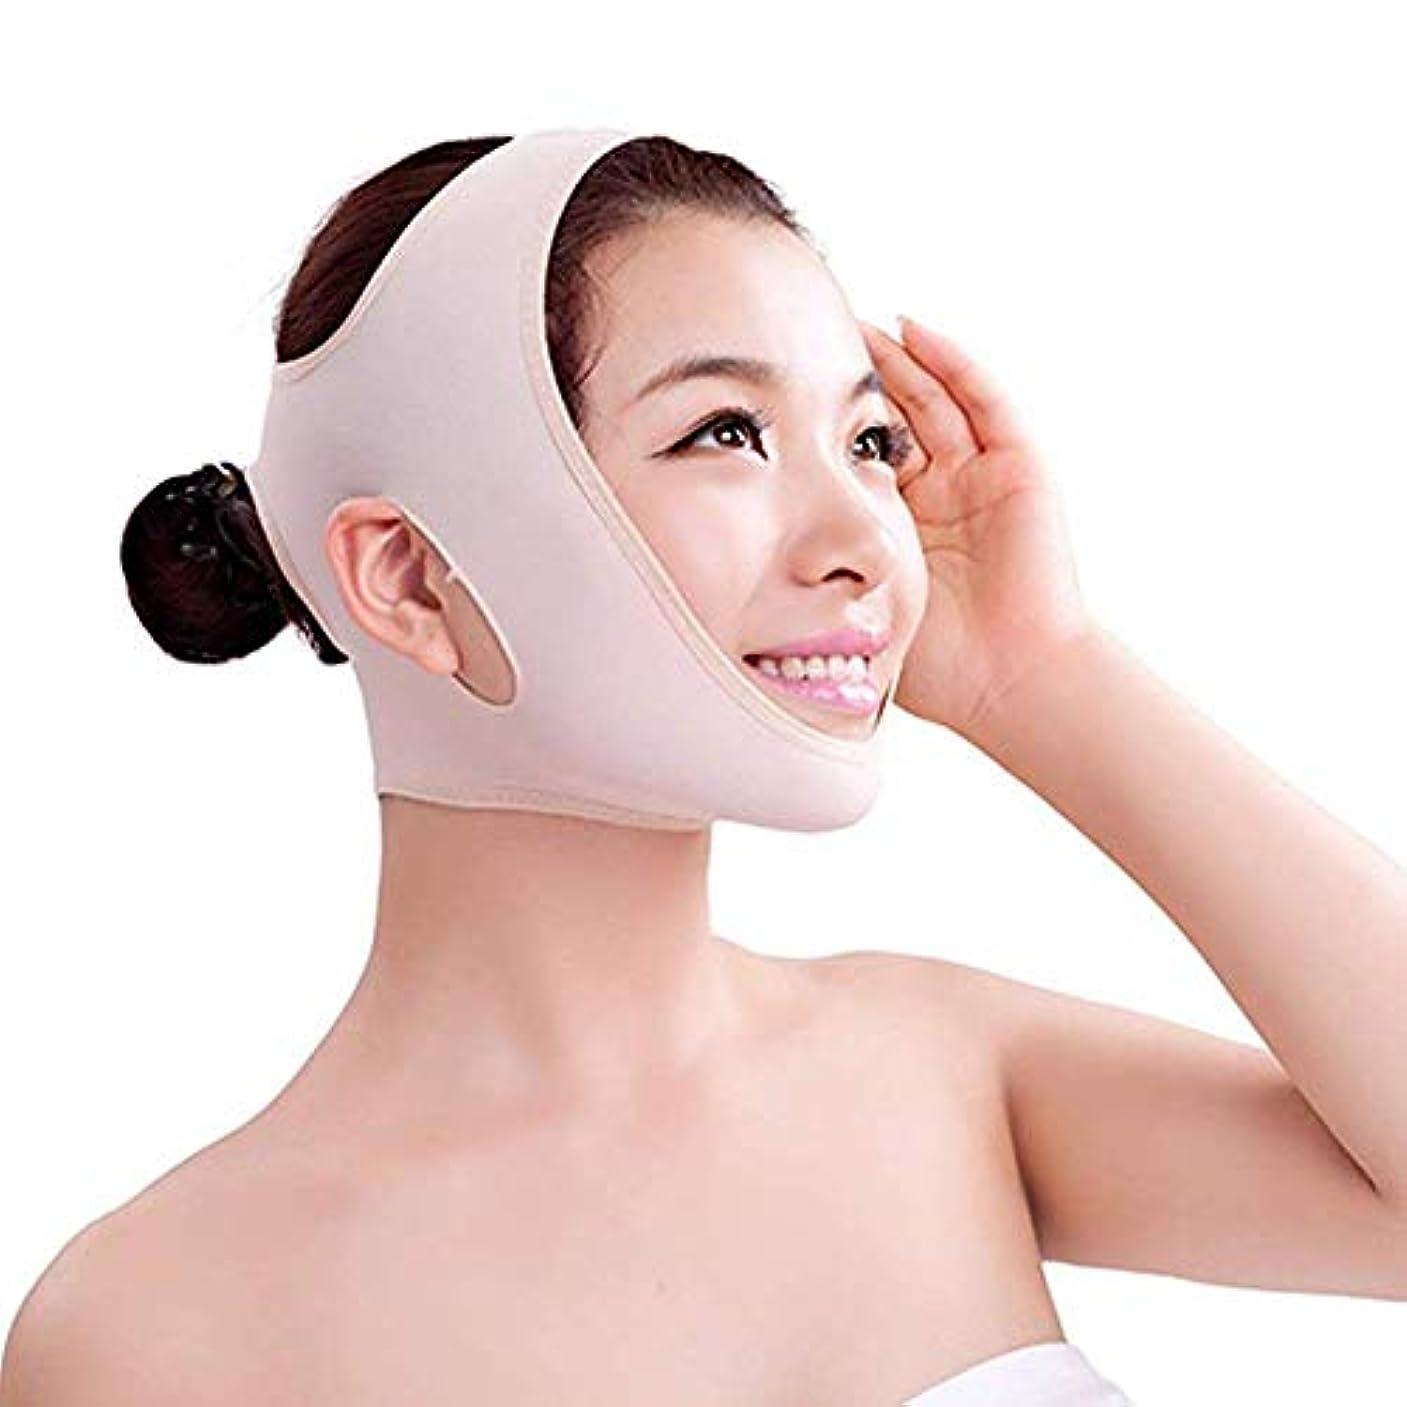 夢中見つけたチャートWSJTT フェイススリミングマスク、ベルトを持ち上げるインフレータブル顔、自然なVフェイスチークチンは減量包帯チン包帯を削除するために二重あご、タイトなバンドリフティング (Size : XL)